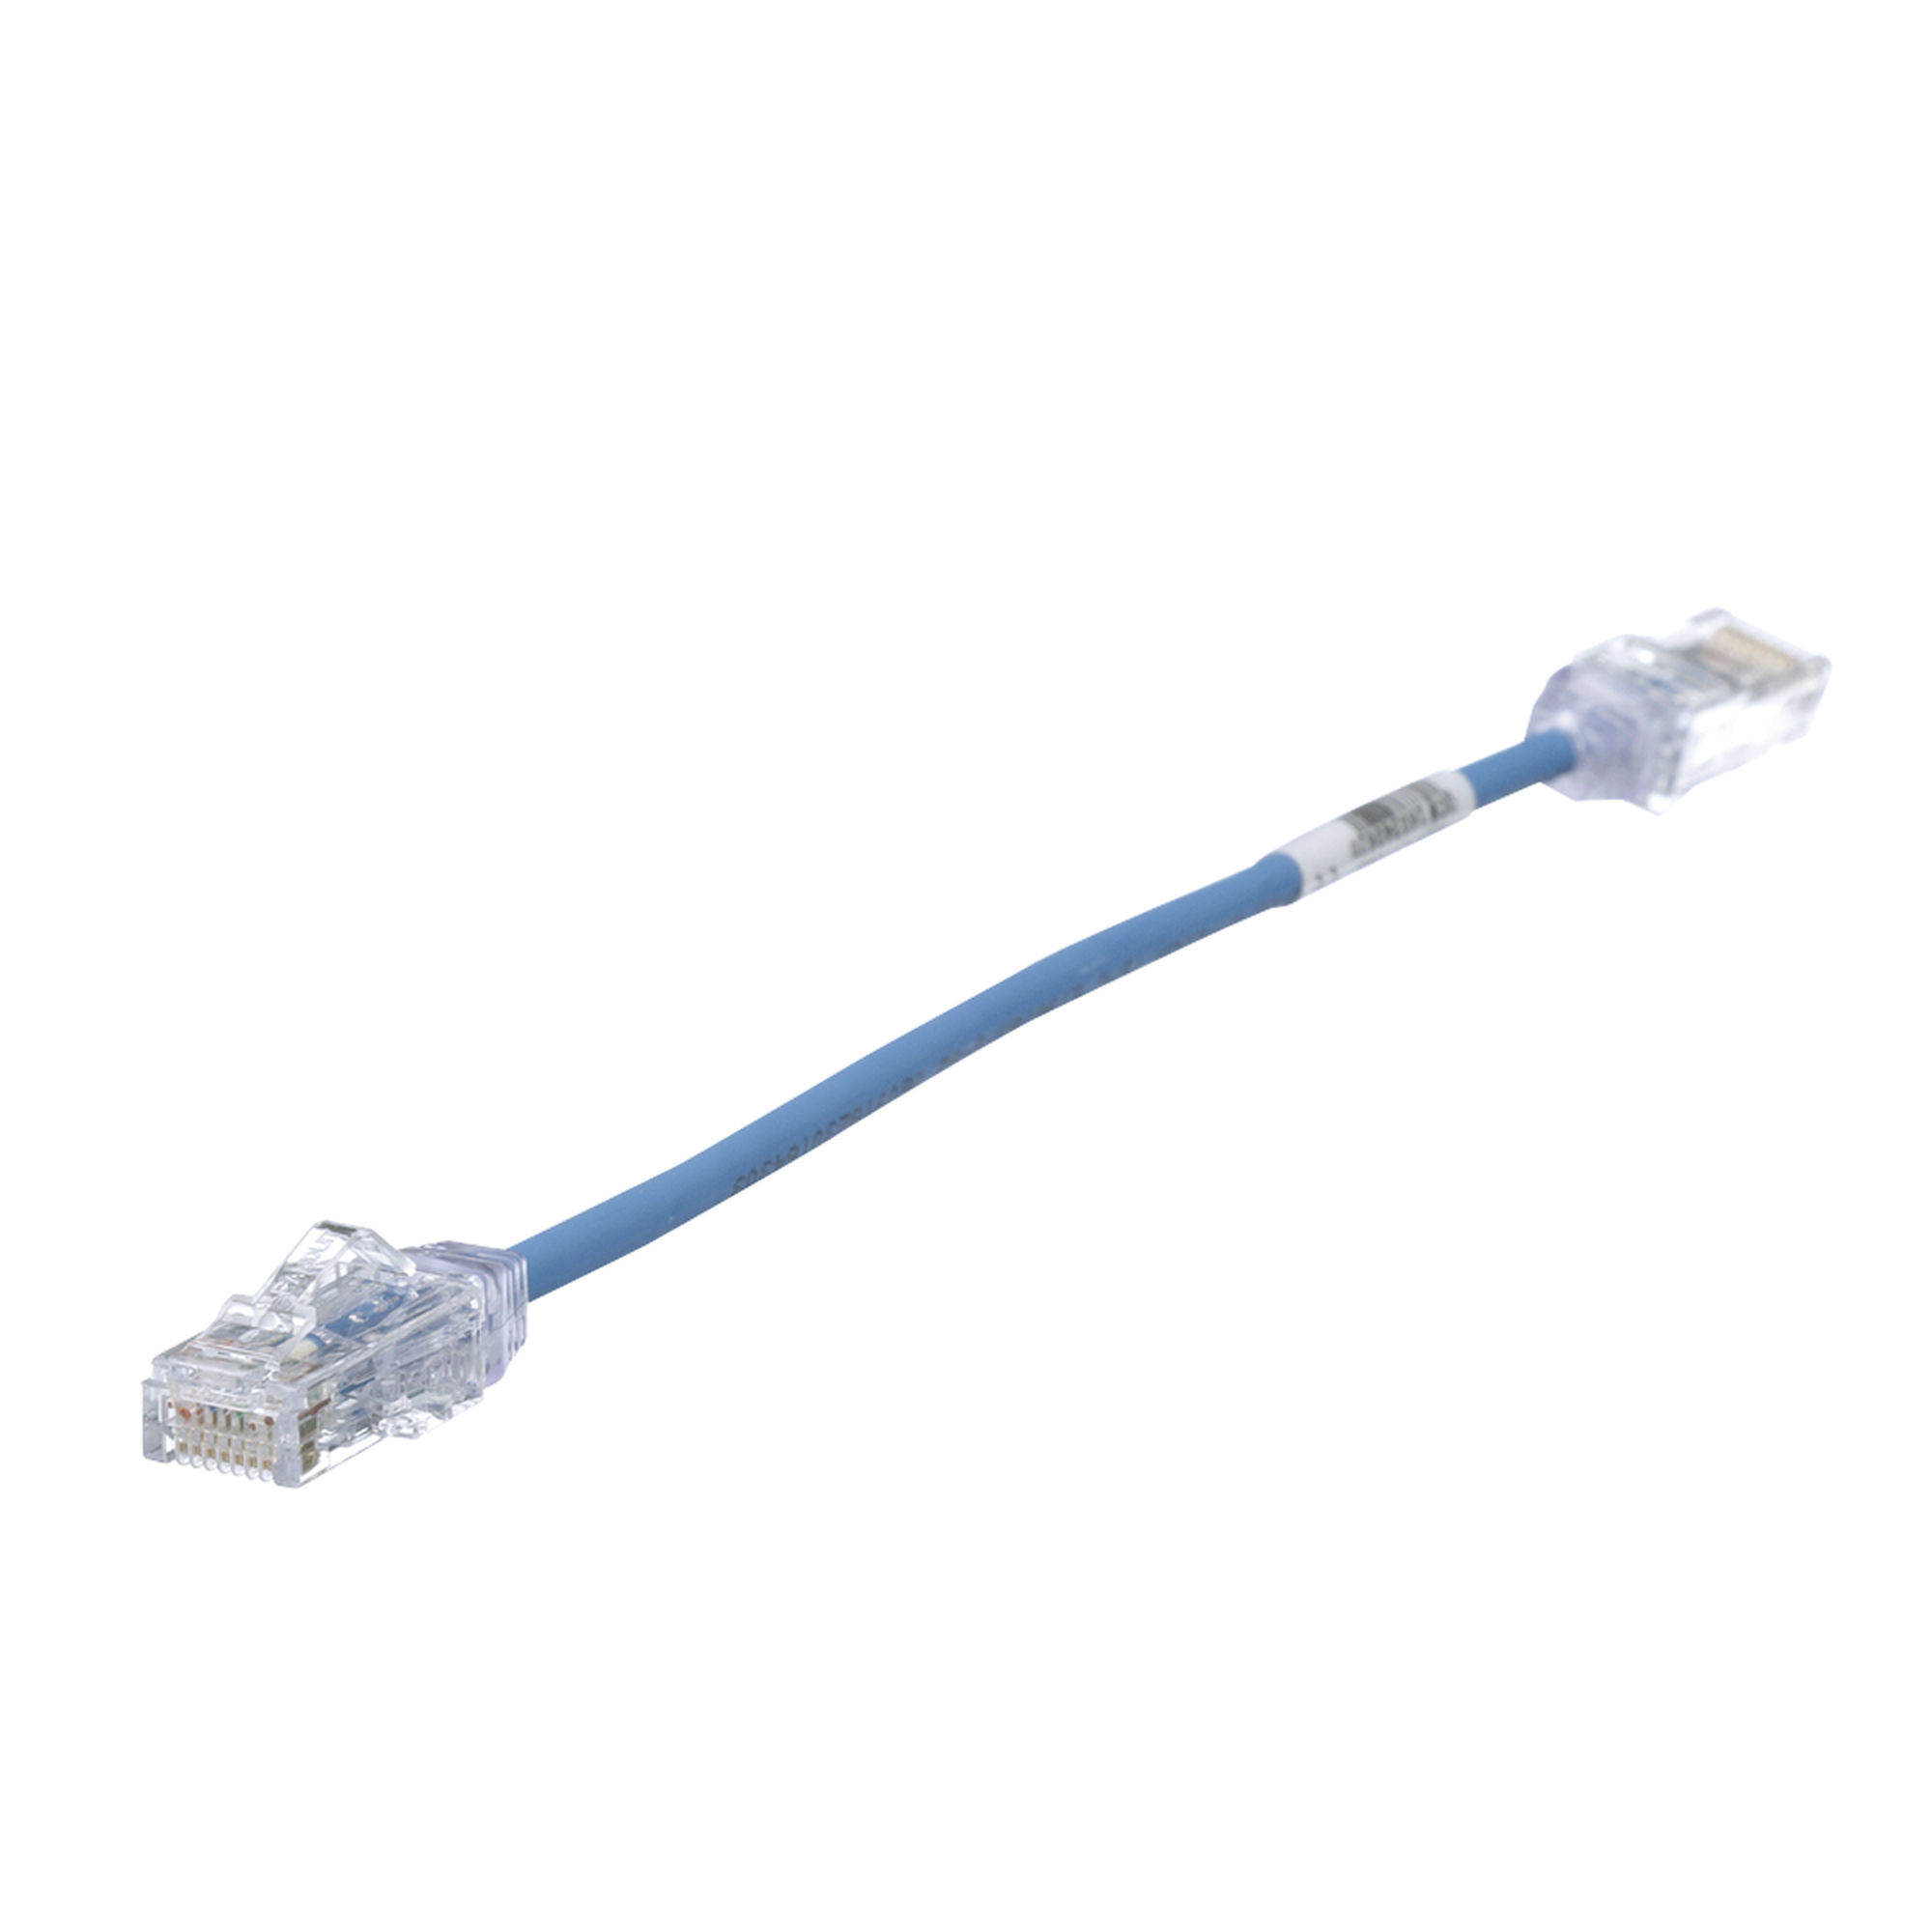 Cable de Parcheo TX6, UTP Cat6, Diámetro Reducido (28AWG), Color Azul, 20cm